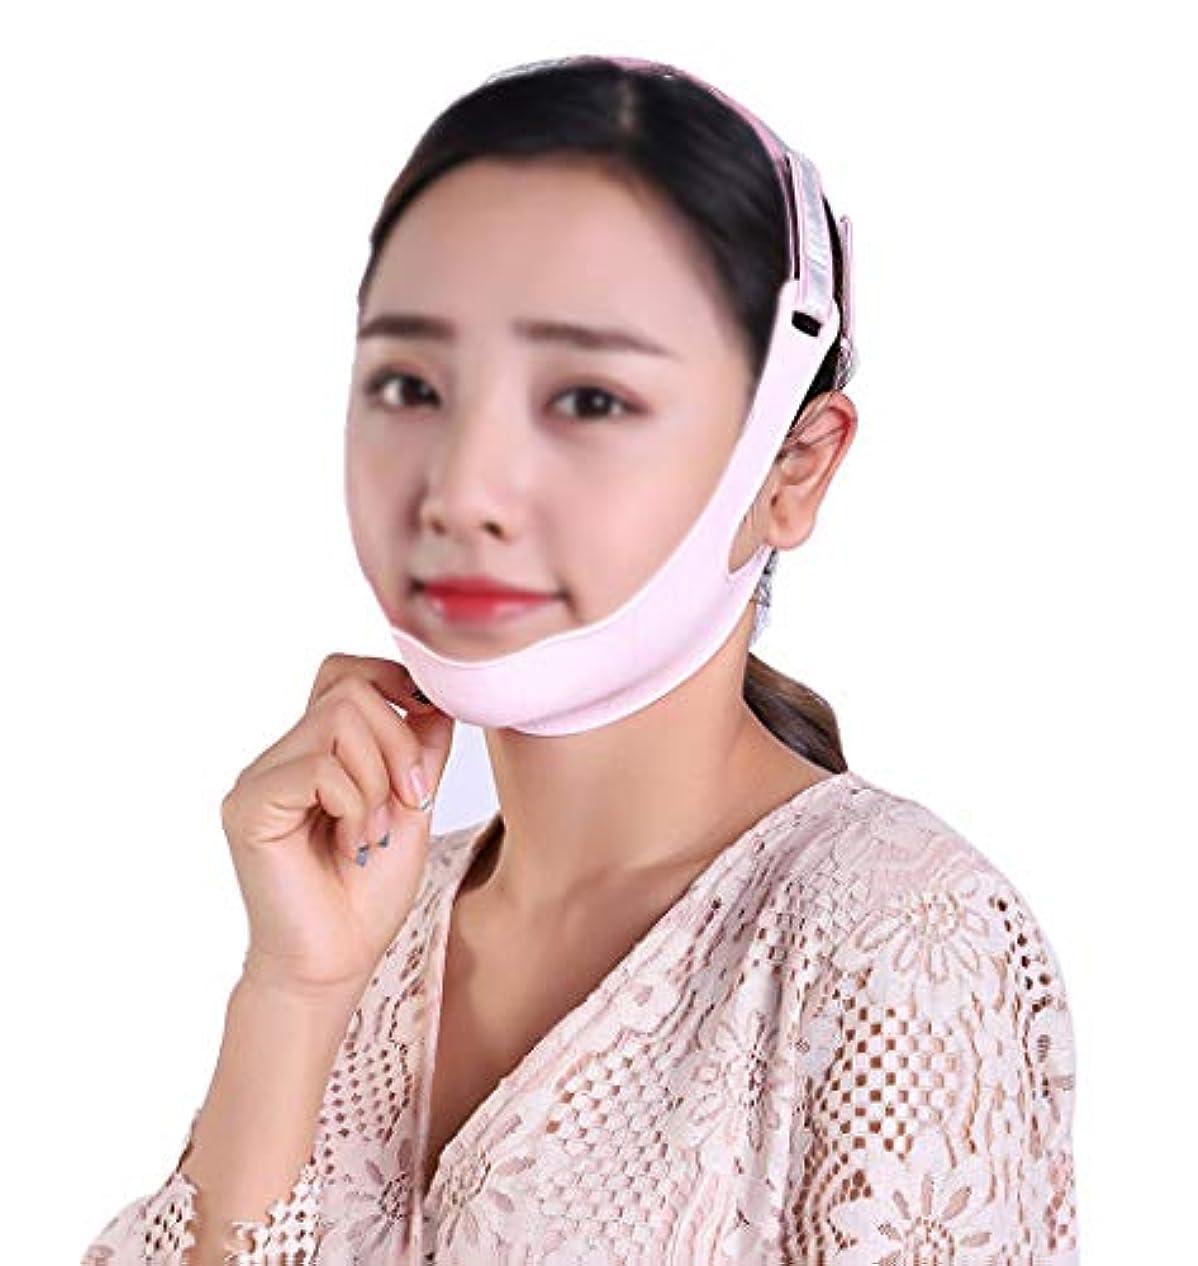 ひらめき誠実さ上TLMY フェイシャルリフティングマスクシリコンVマスク引き締めフェイシャル包帯スモールVフェイスアーティファクト防止リラクゼーションフェイシャル&ネックリフティング 顔用整形マスク (Size : M)